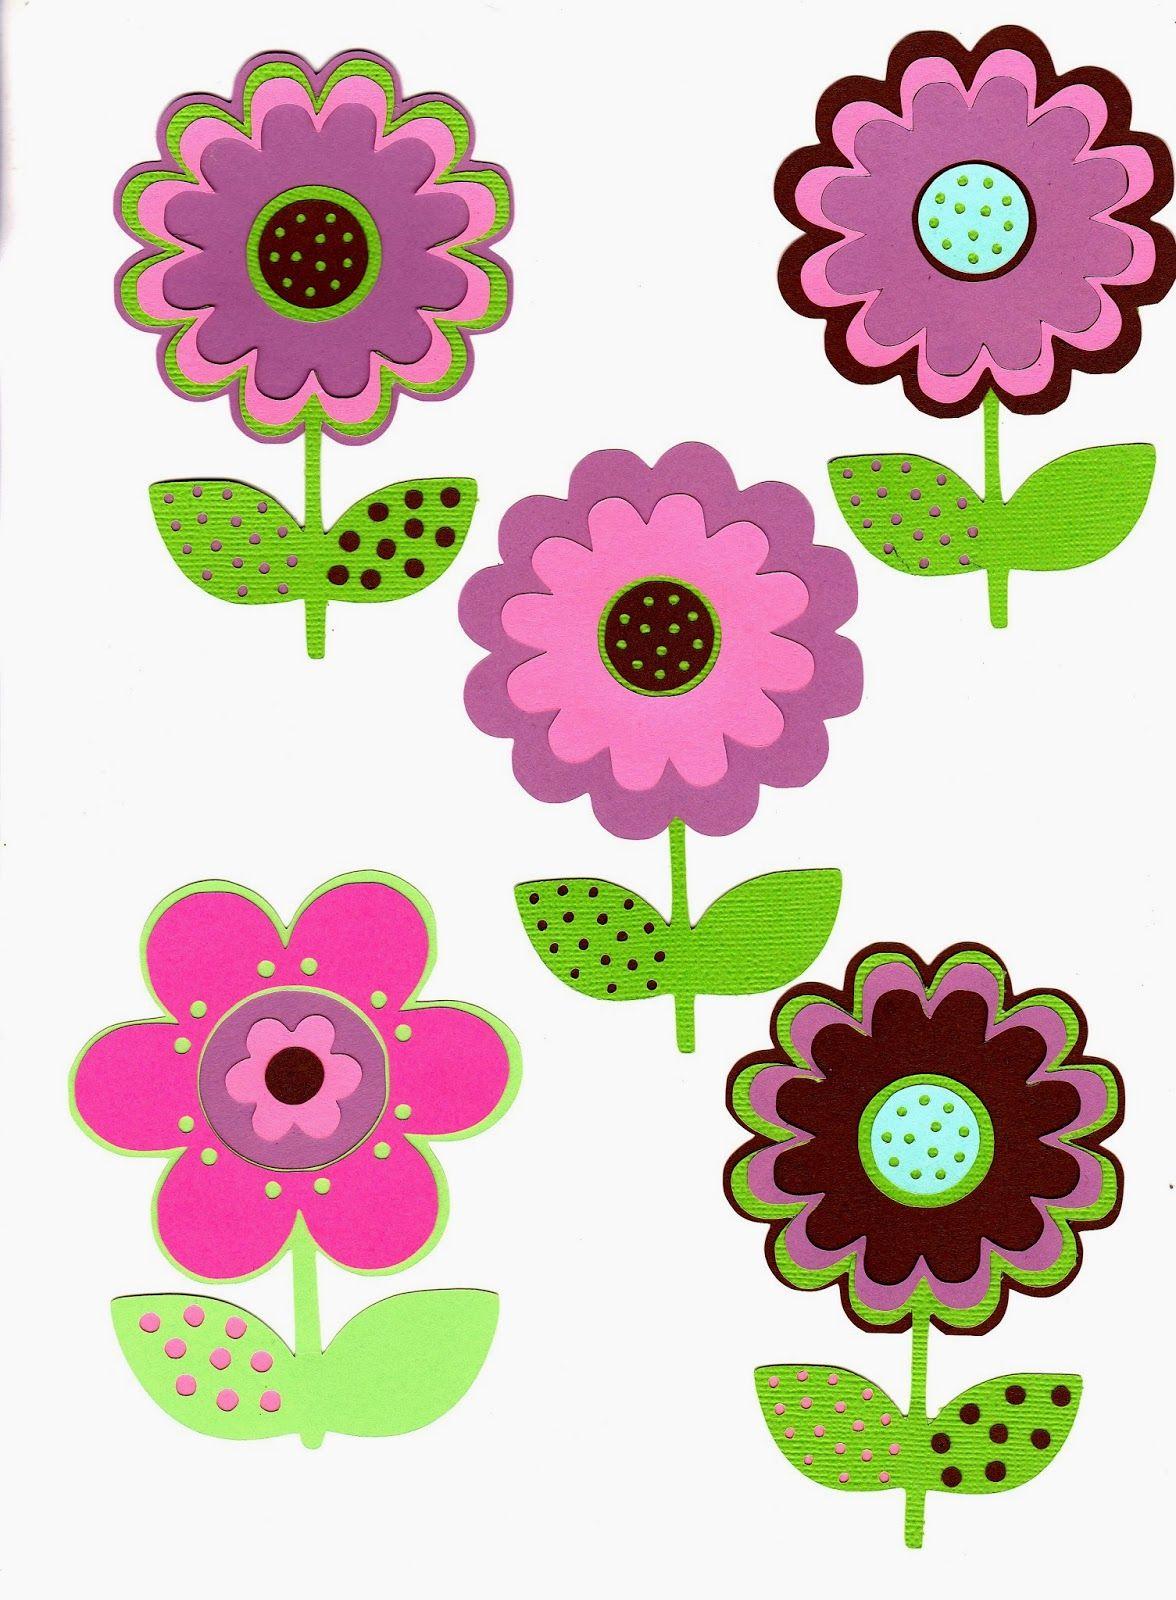 цветочки картинки шаблоны для вырезания цветные подъемные шторы отлично